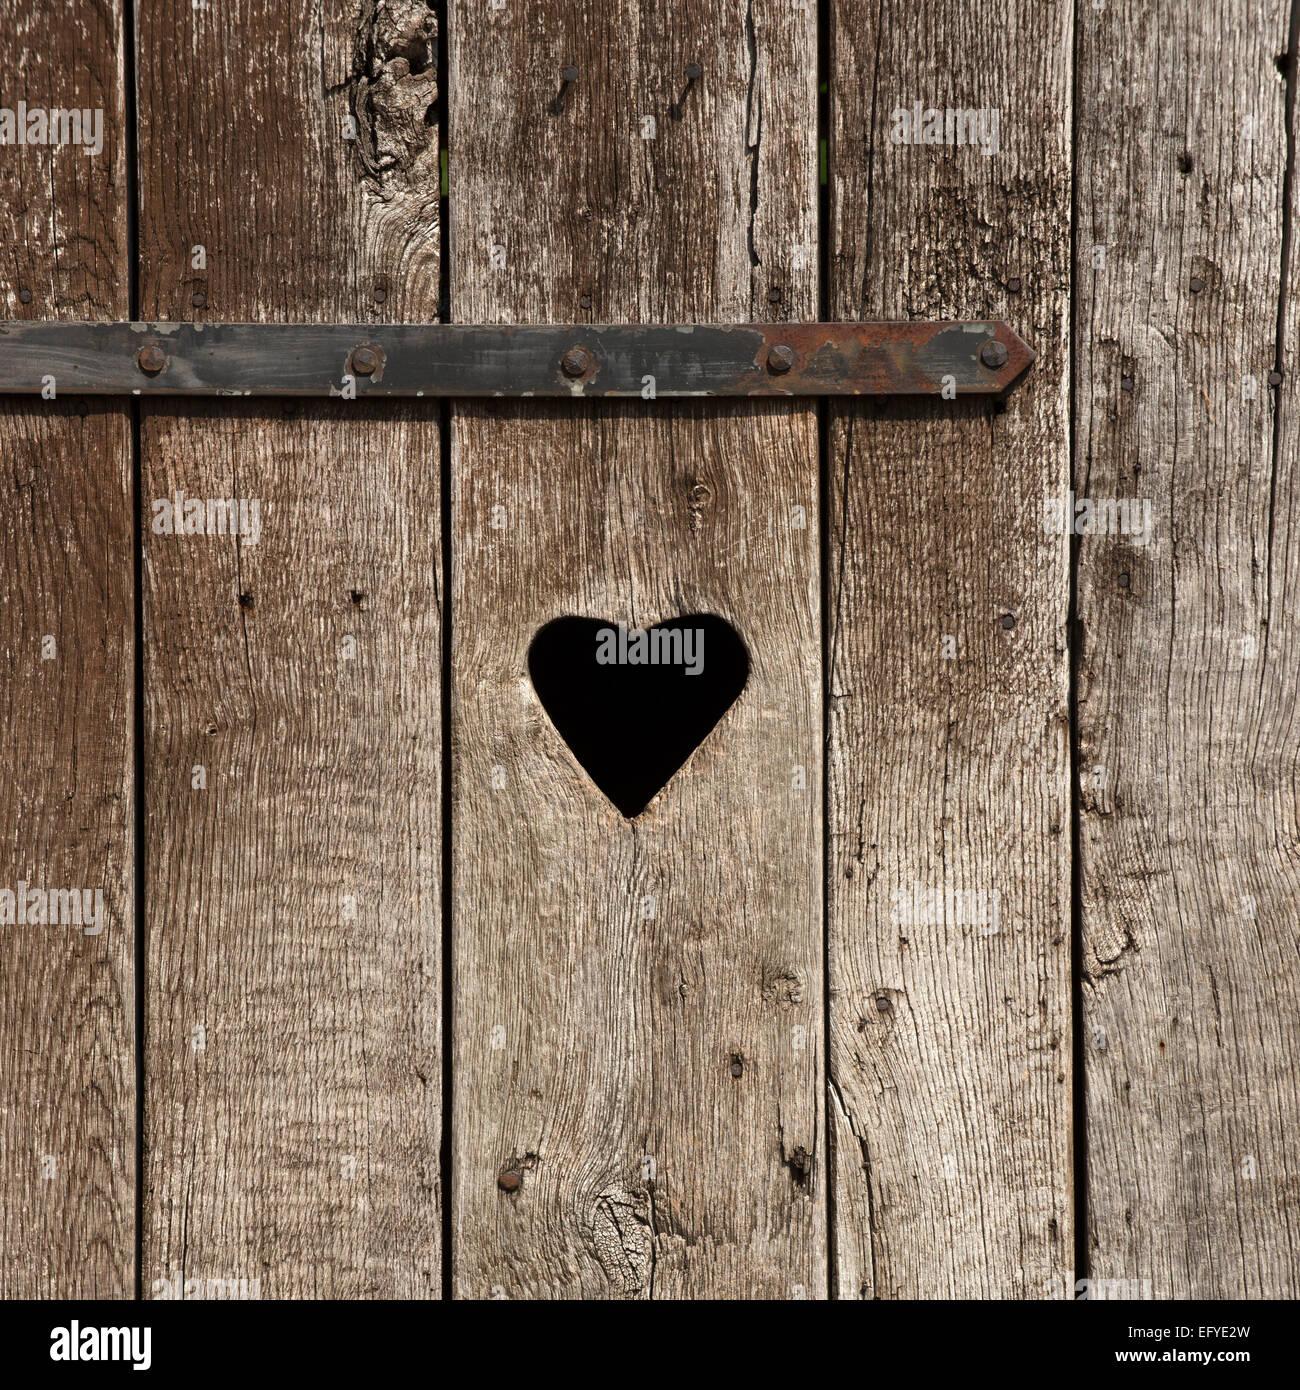 Puerta de madera desgastada con un corazón, baño exterior Imagen De Stock